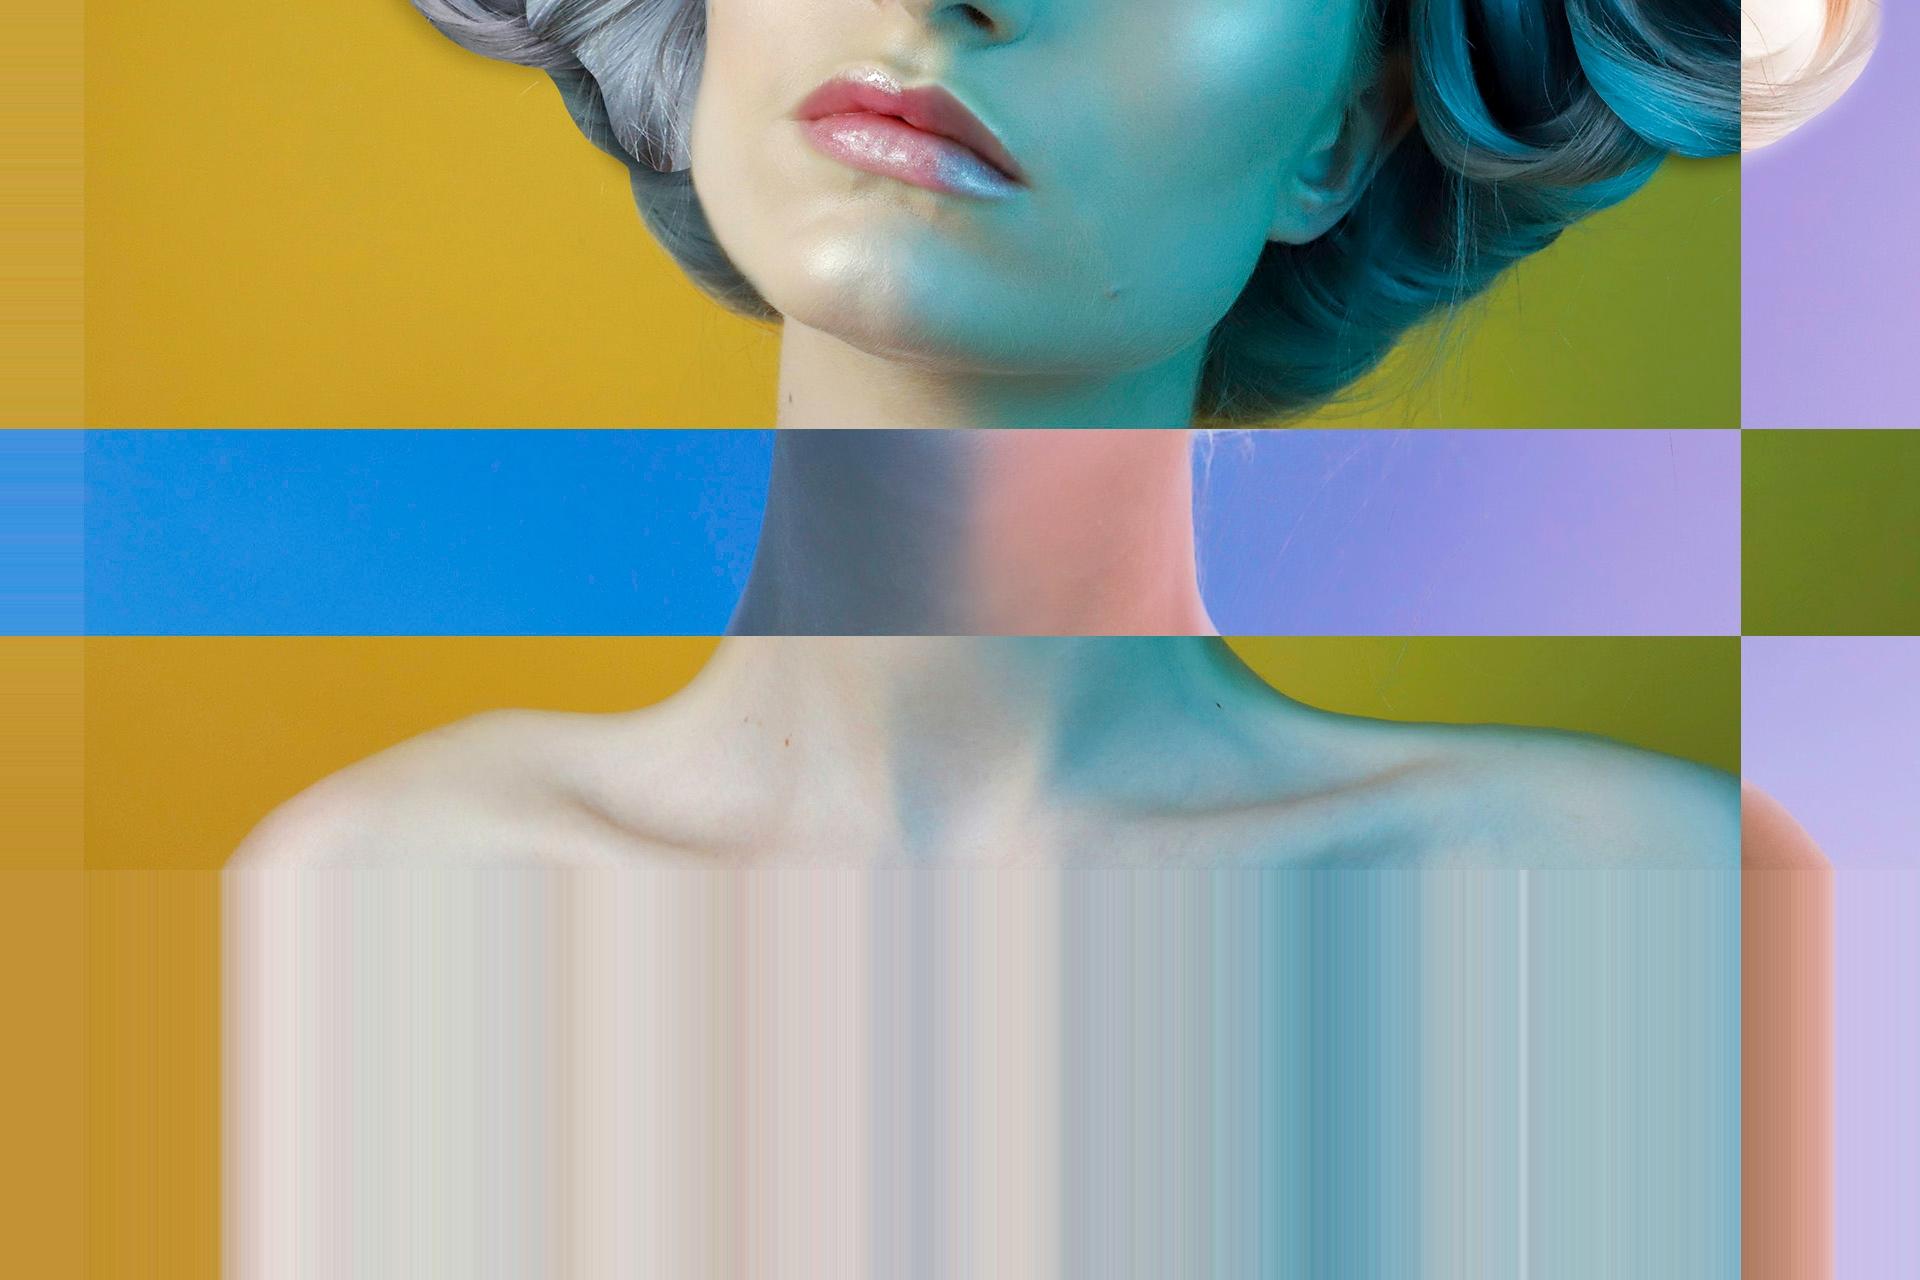 Zdjęcie przedstawia usta i szyję kobiety w otoczeniu graficznych elementów.